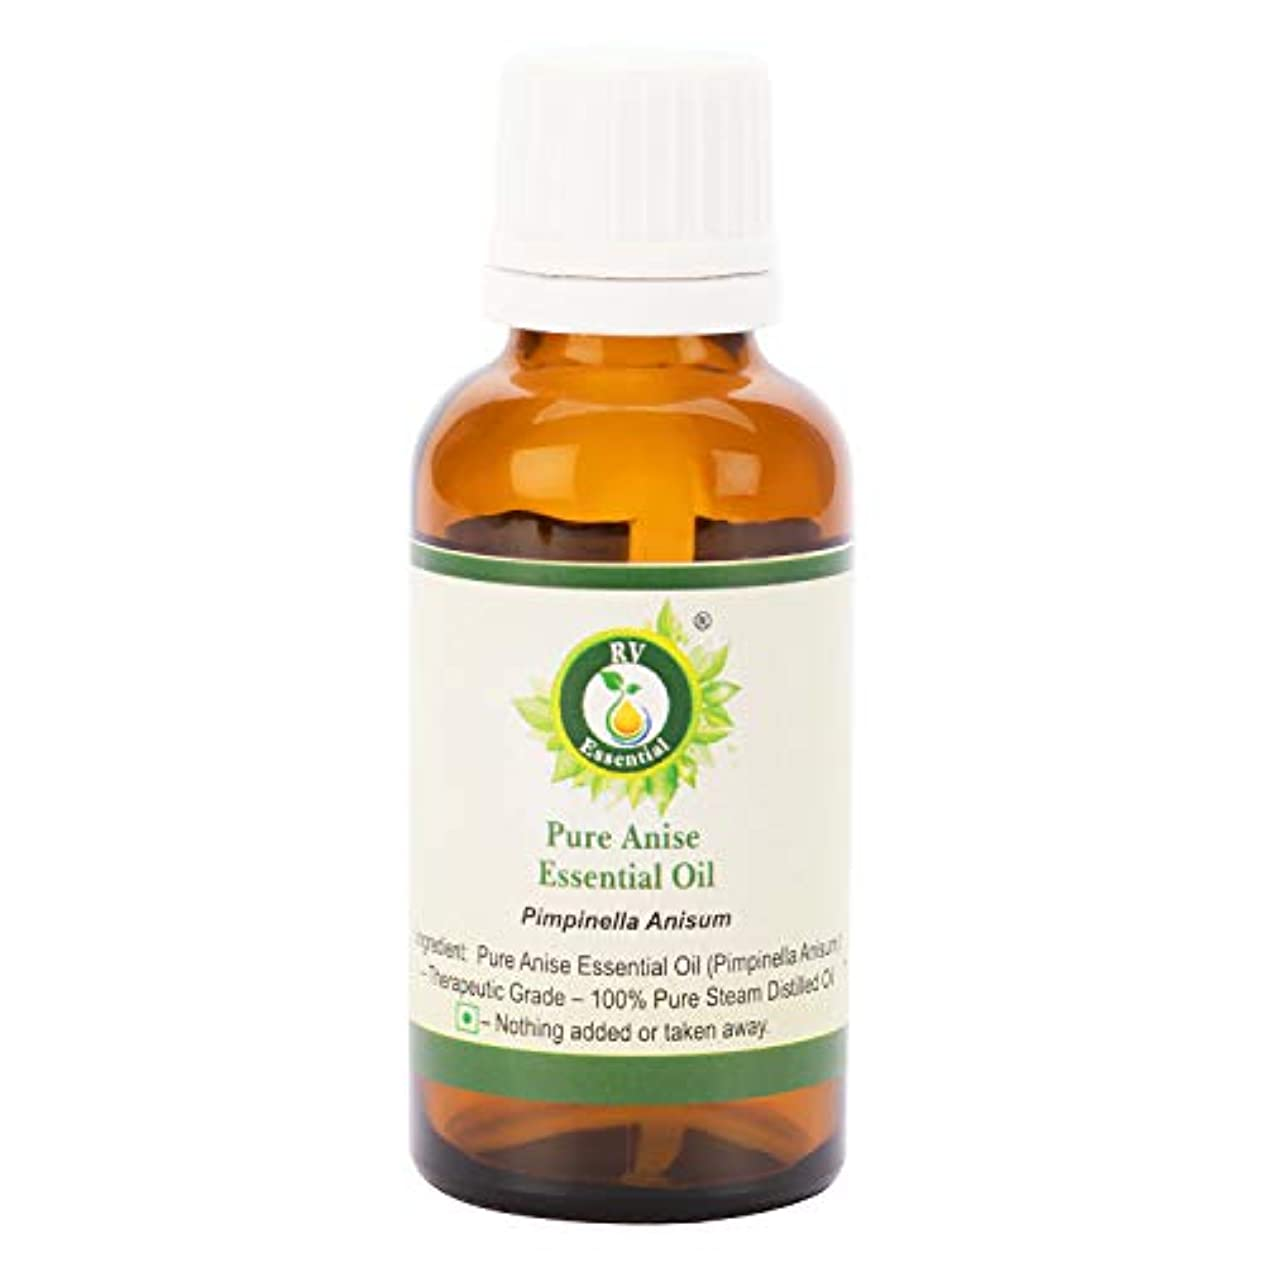 賛辞地獄ソロピュアアニスエッセンシャルオイル10ml (0.338oz)- Pimpinella Anisum (100%純粋&天然スチームDistilled) Pure Anise Essential Oil